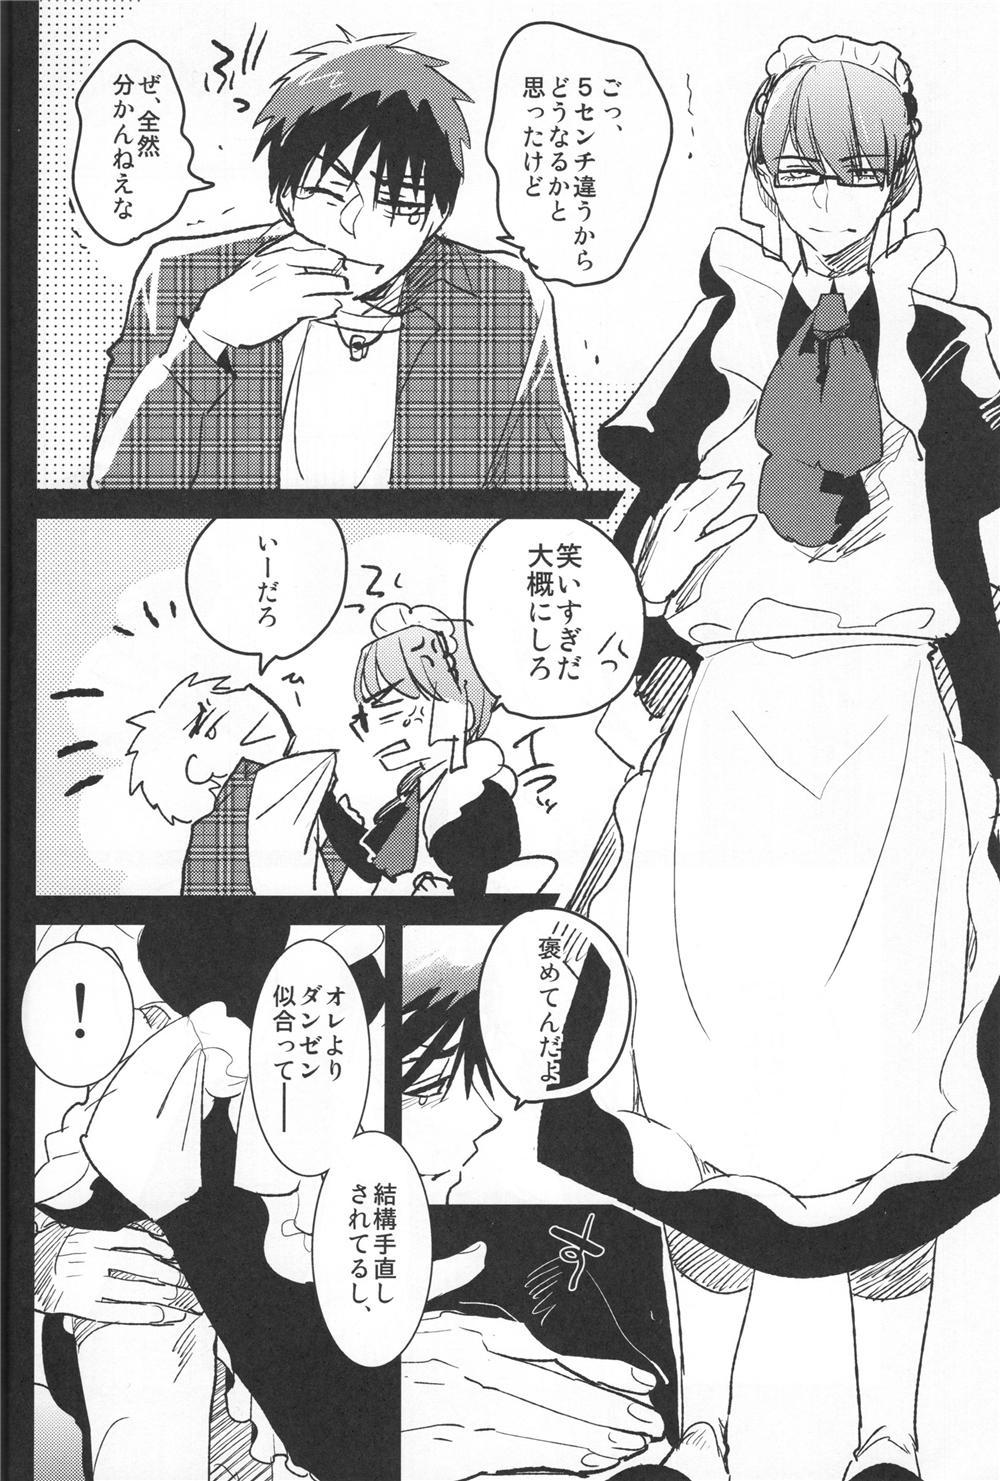 Kaleidoscope Kagami-kun no Erohon 5 4